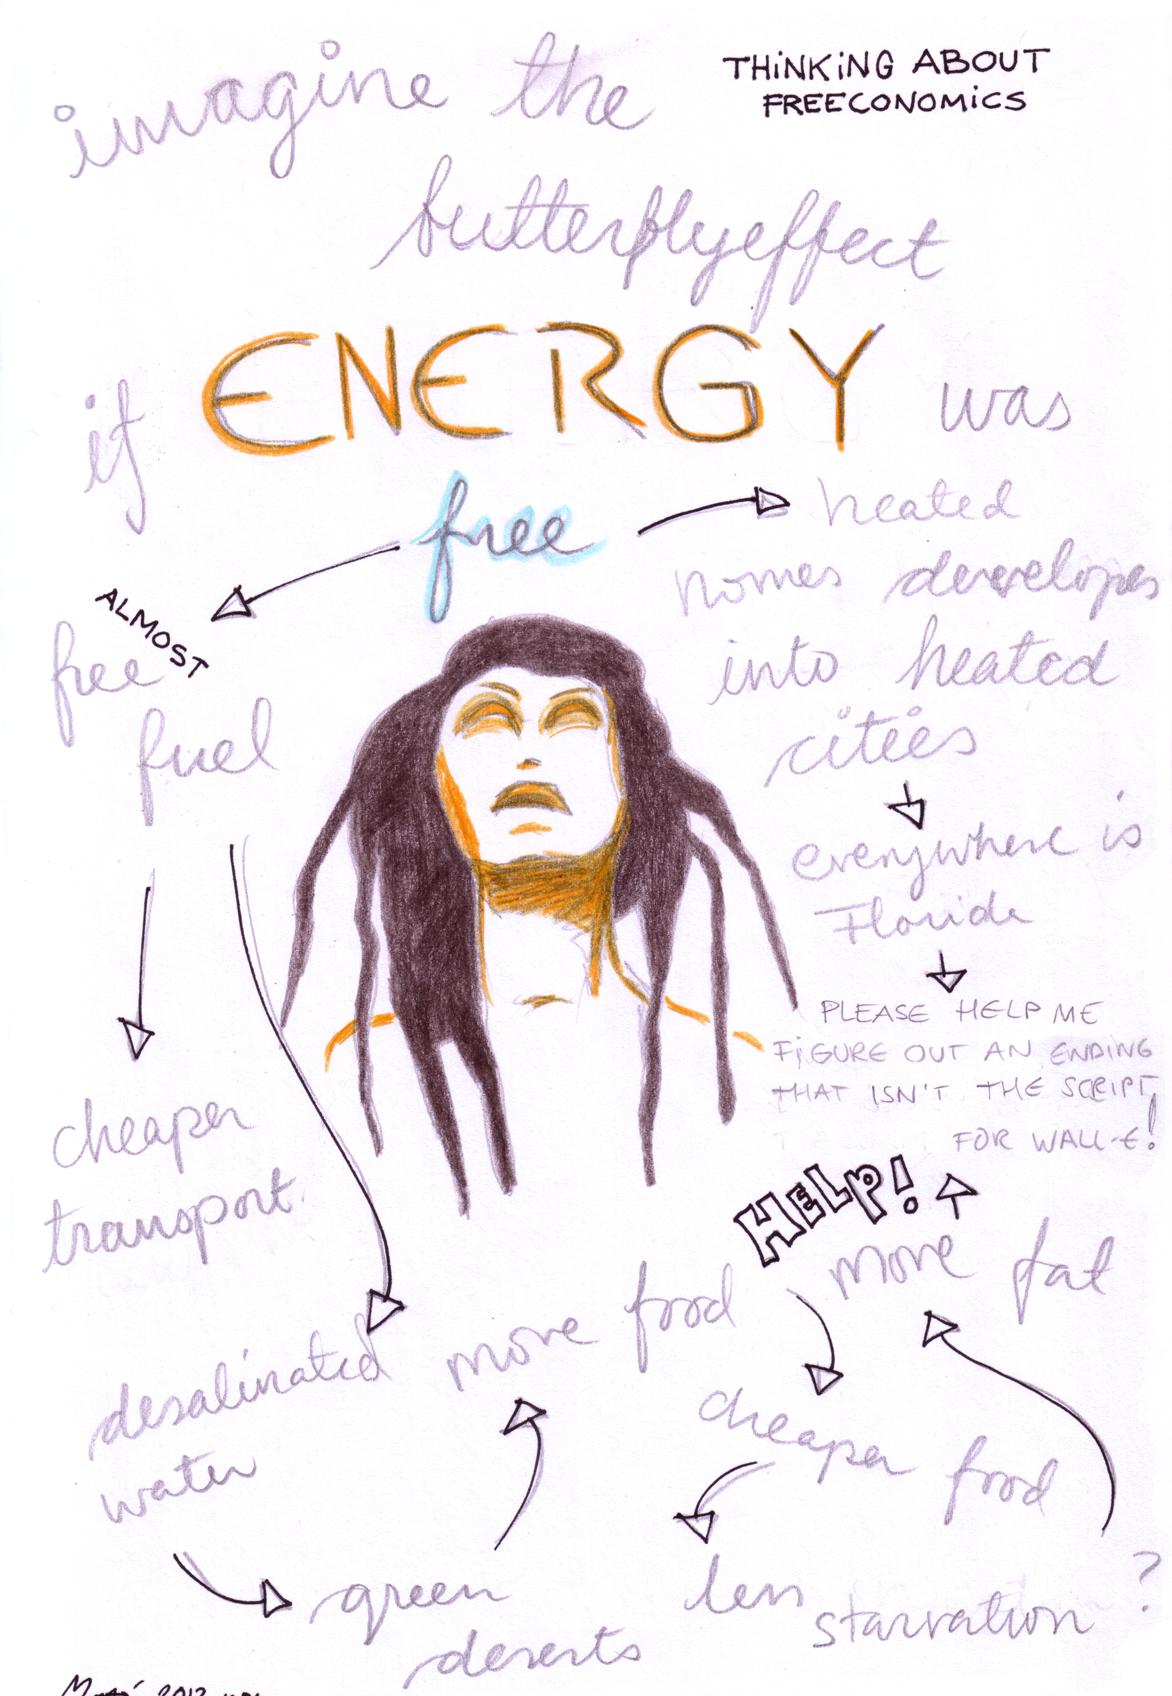 free energy - freeconomics